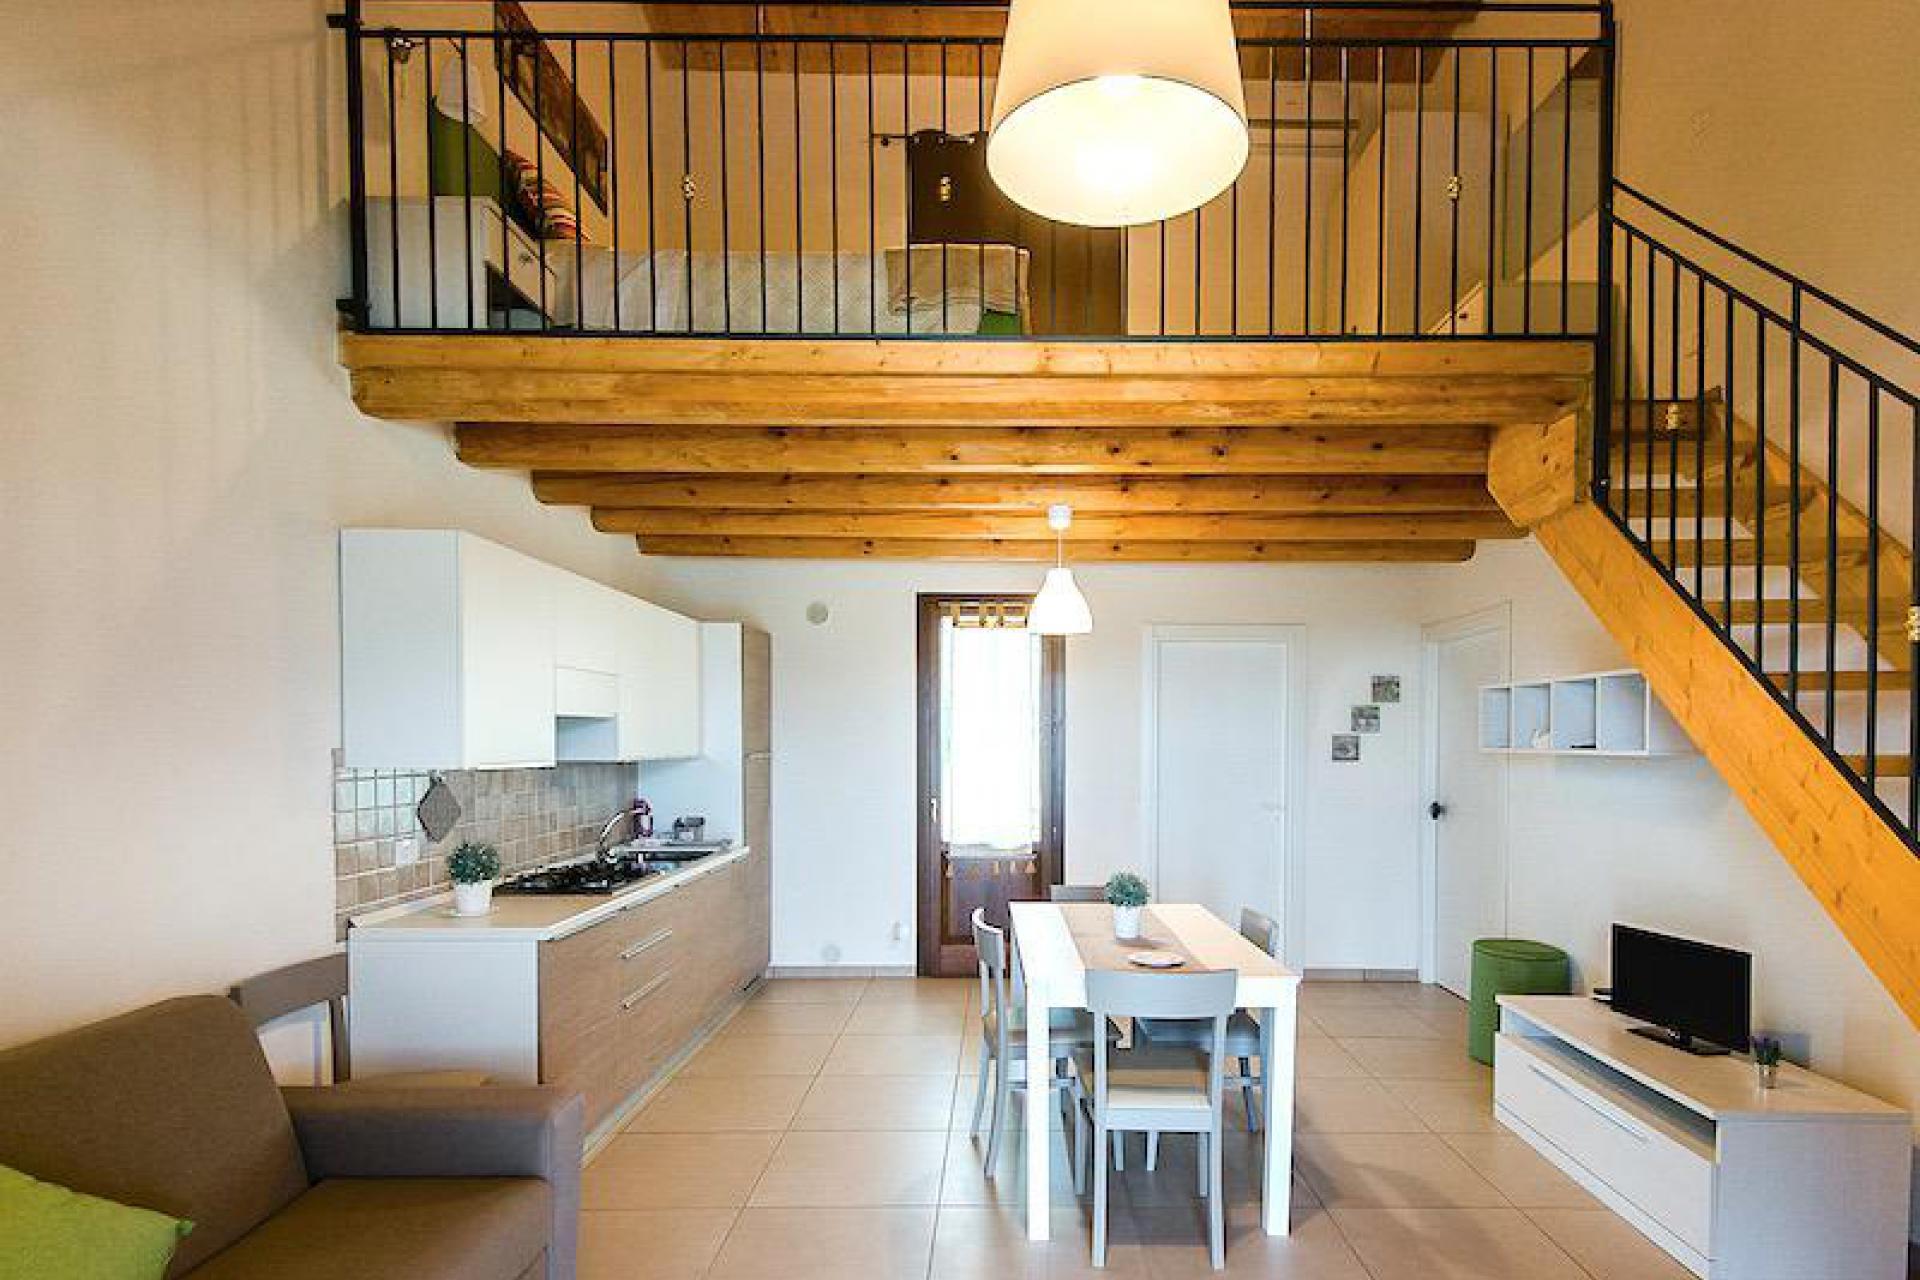 Agriturismo Sizilien Kleiner Agriturismo versteckt zwischen Mandel- und Olivenbäumen